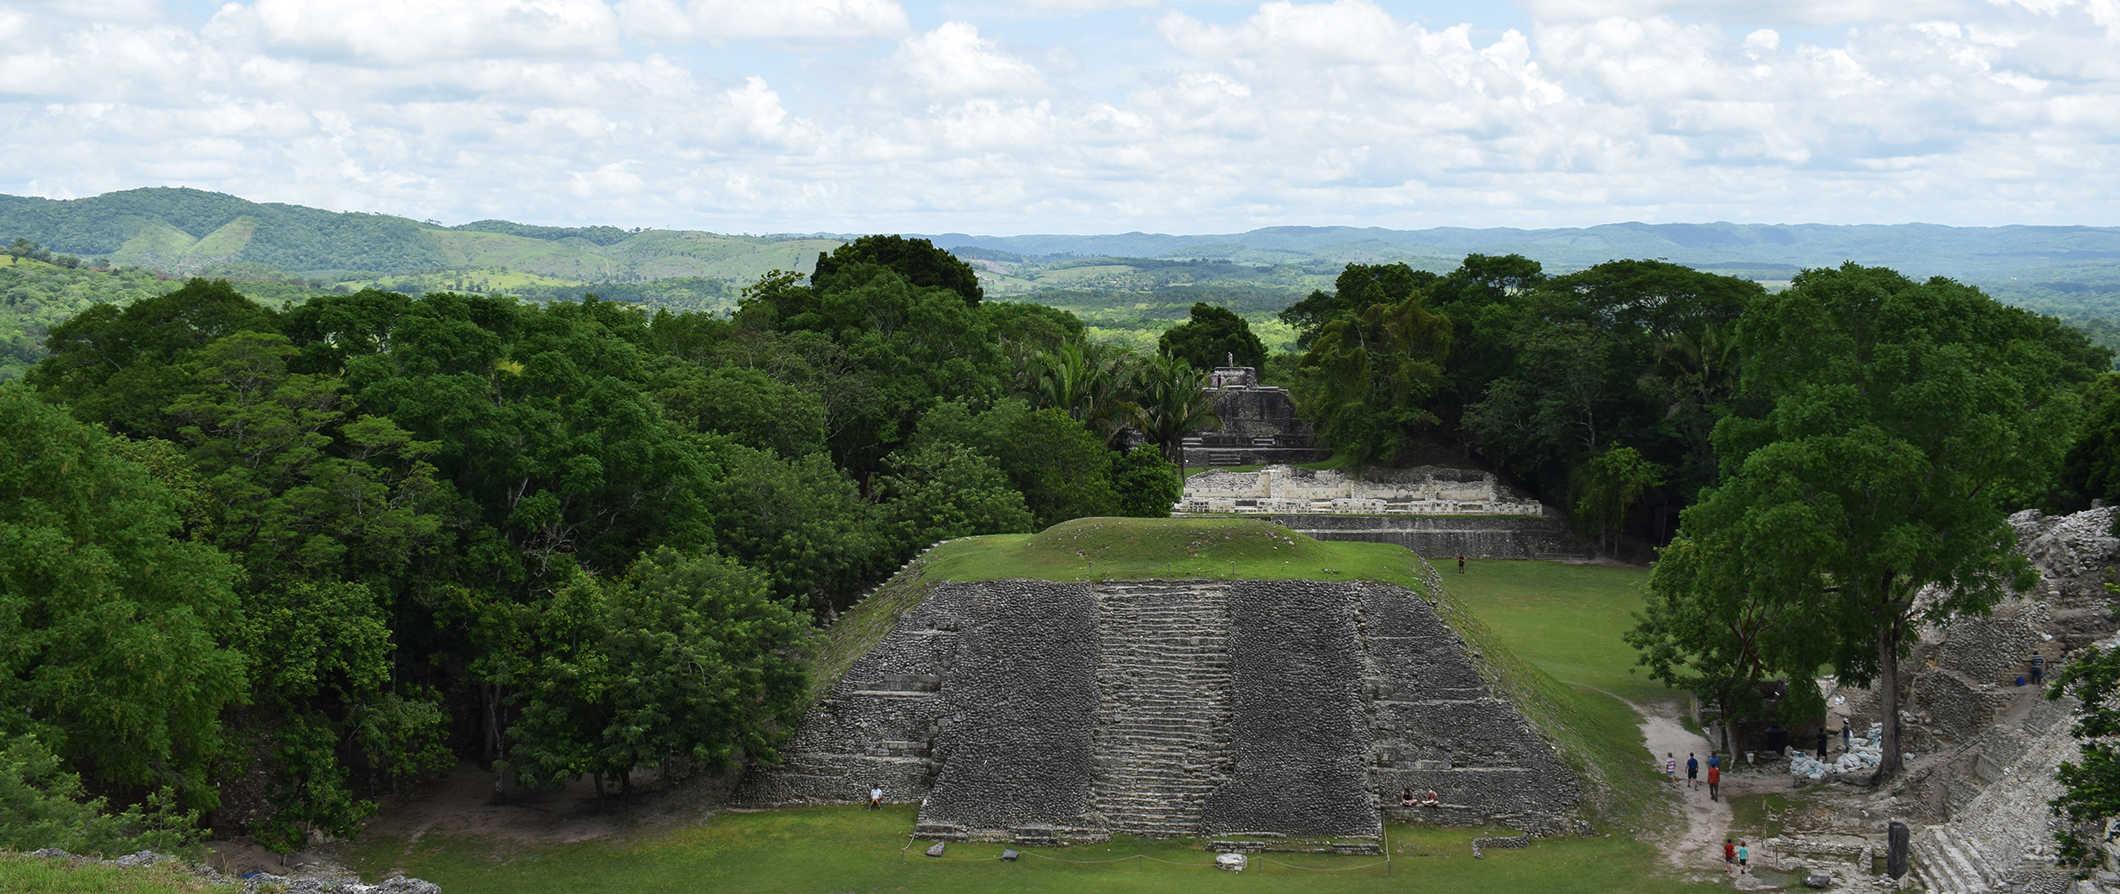 ruins in San Ignacio, Belize